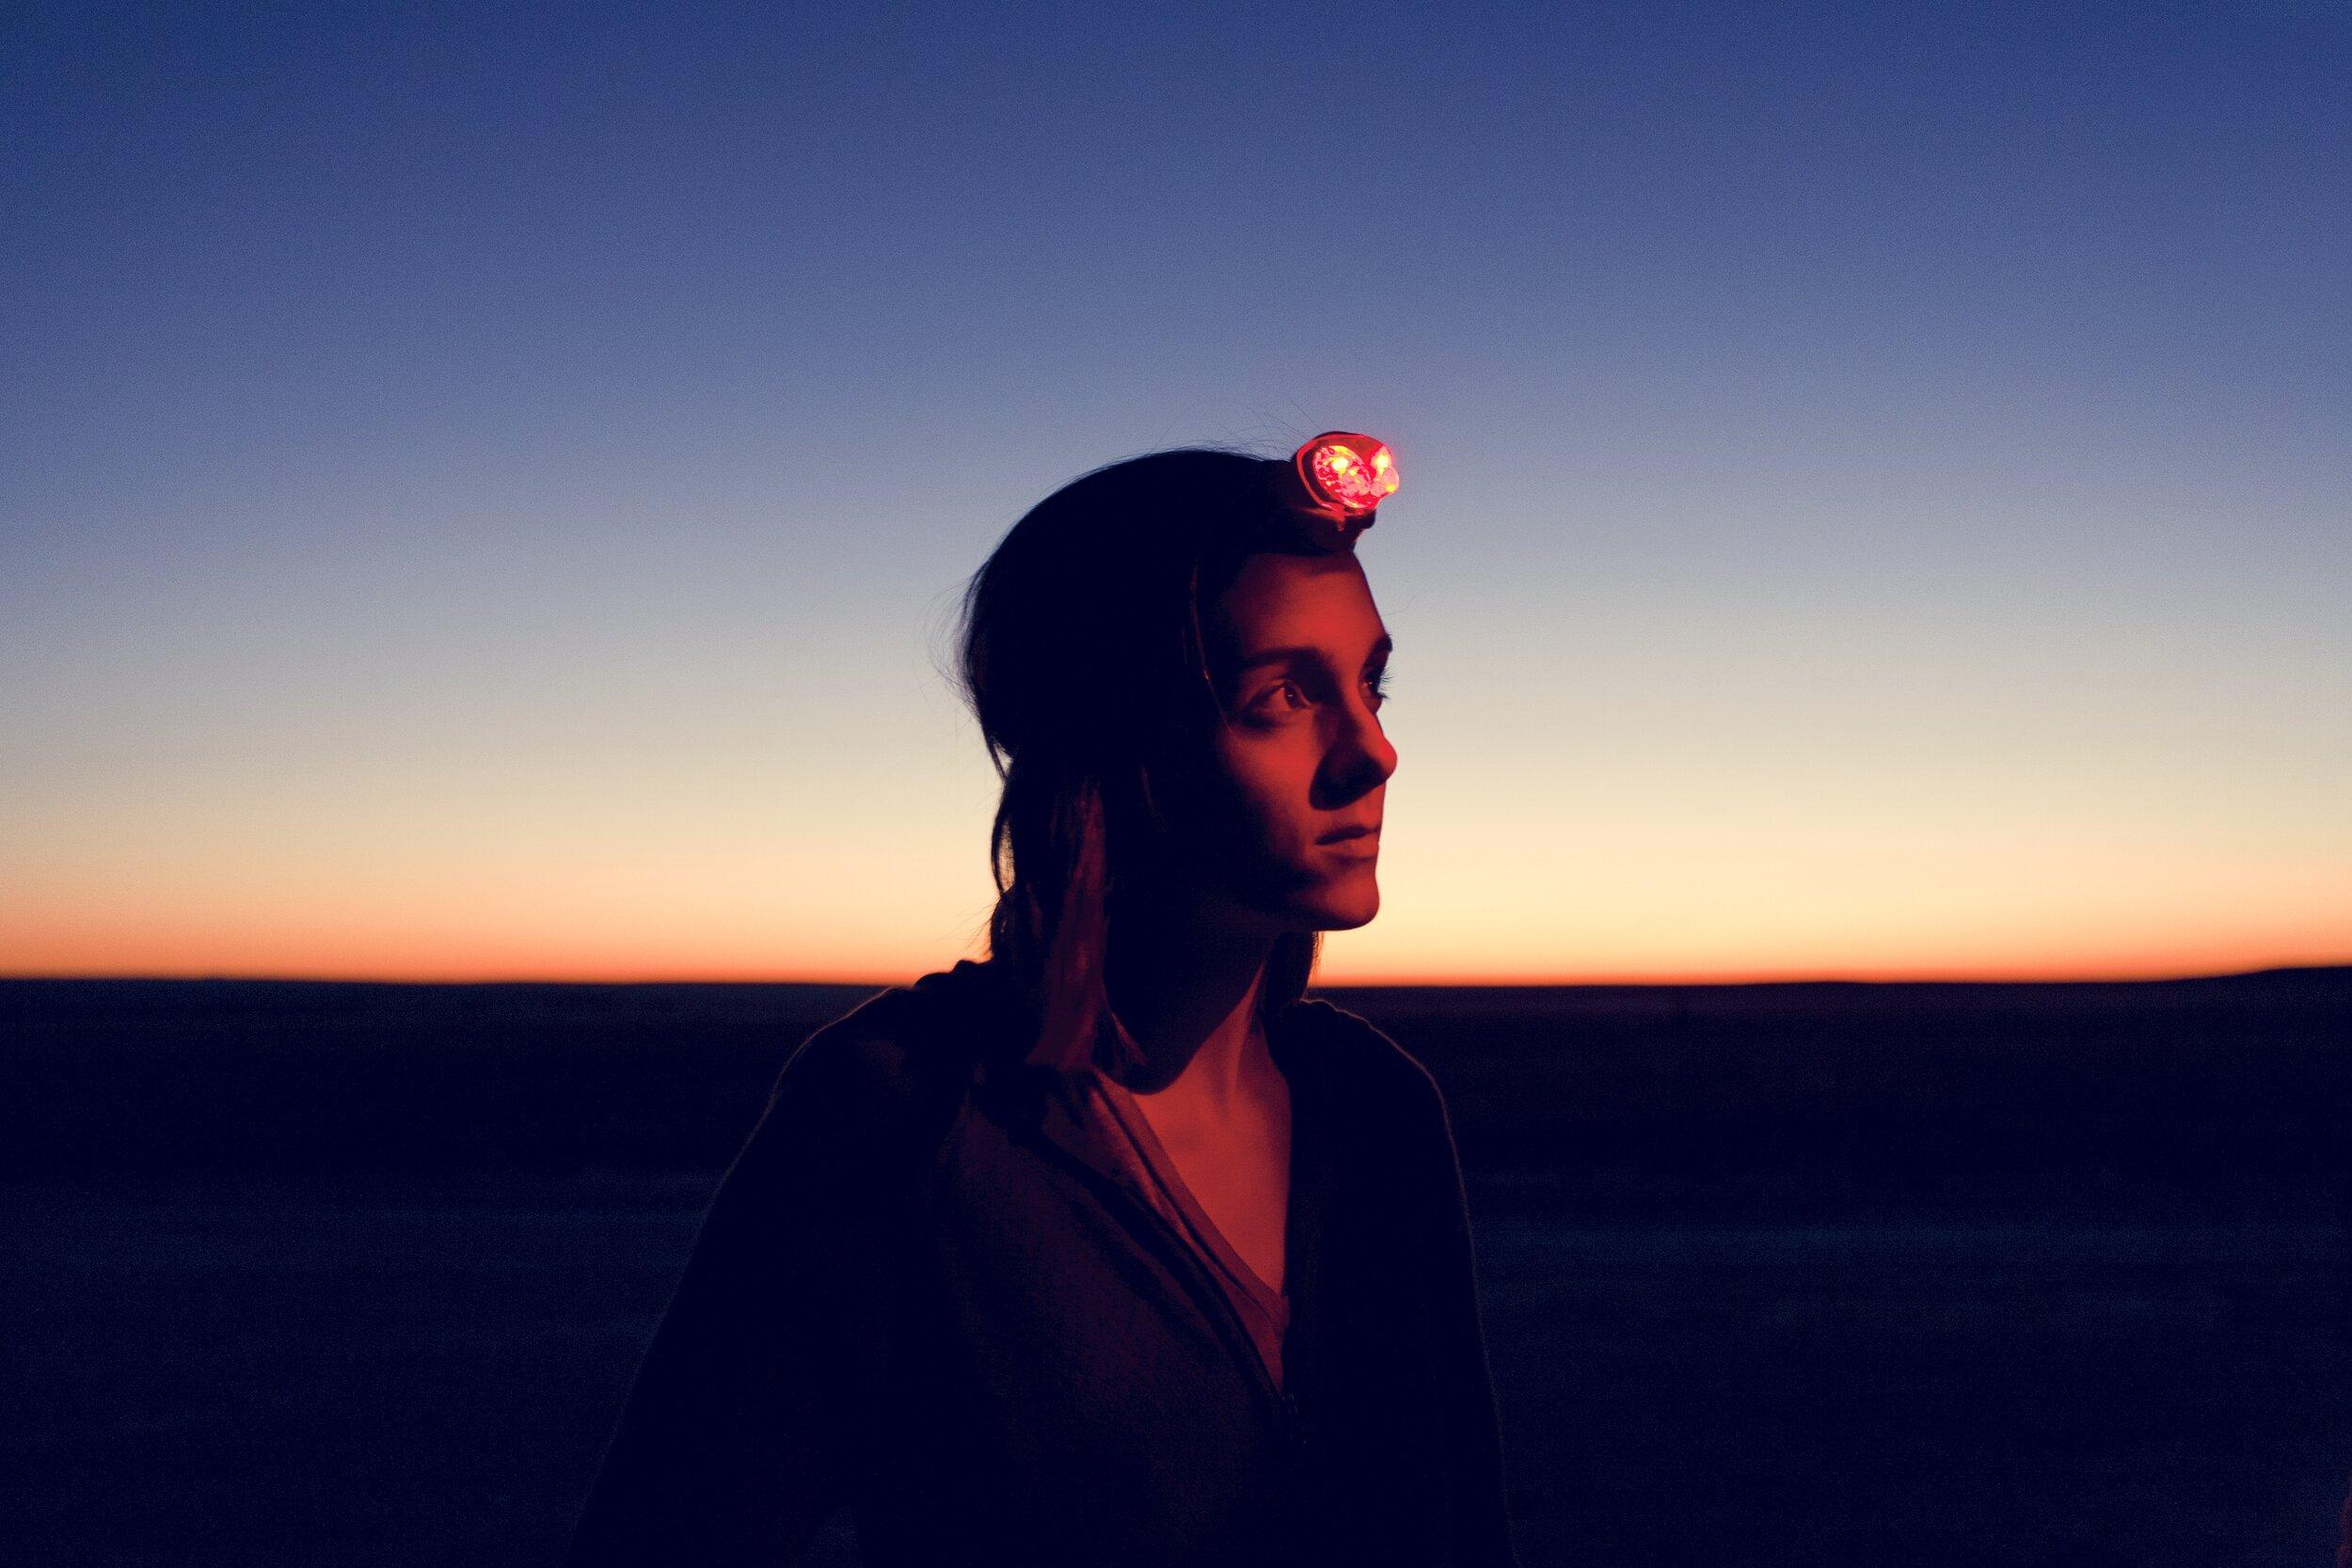 traveler-wearing-headlamp-PB2RQX4.jpg